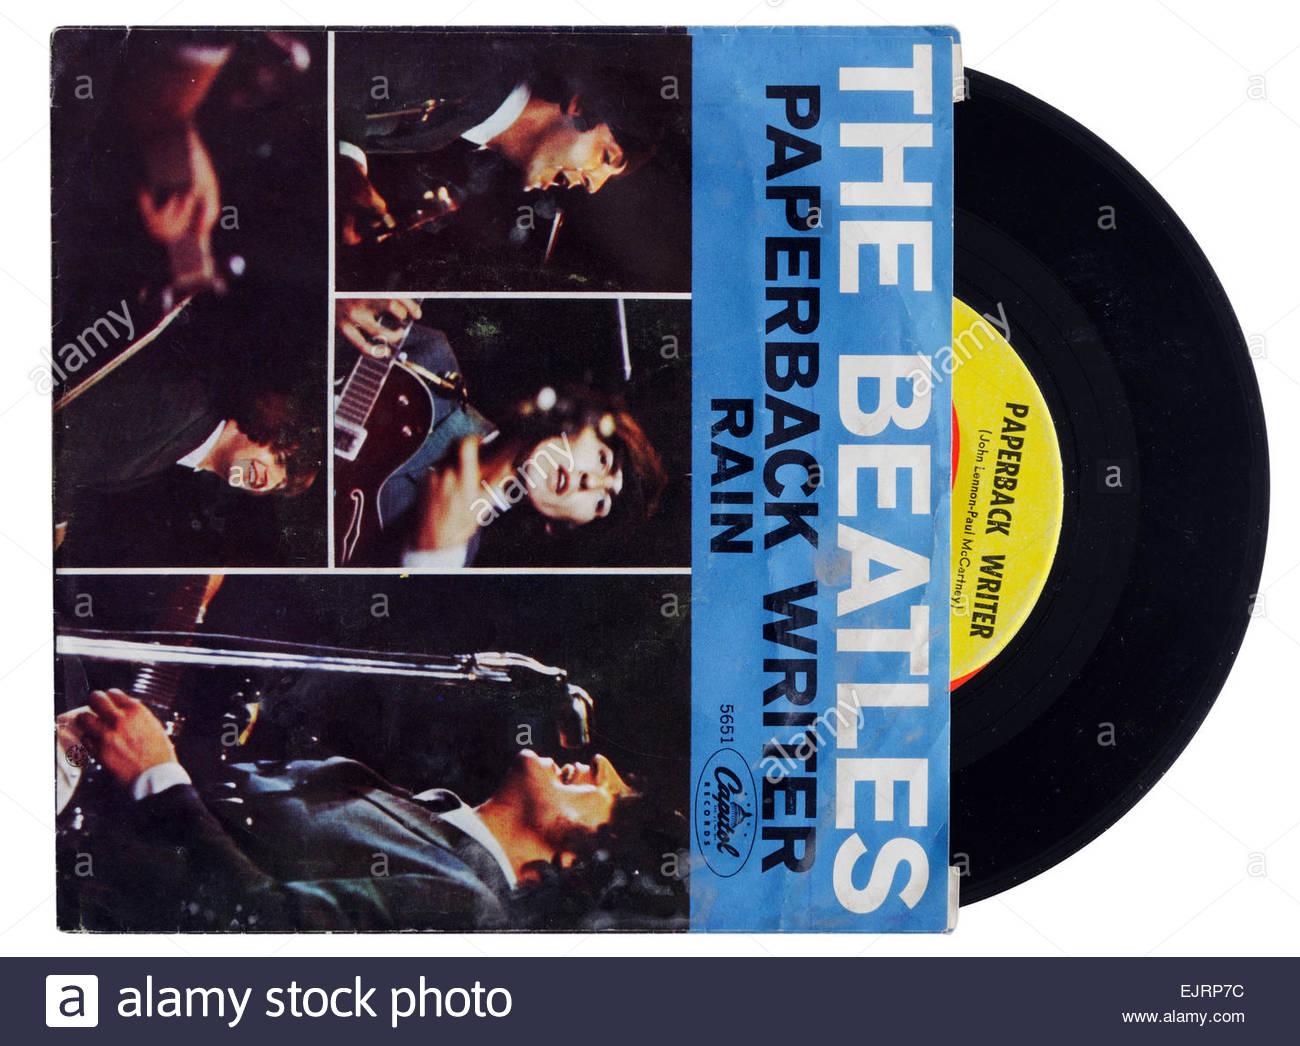 Beatles Paperback Writer single - Stock Image